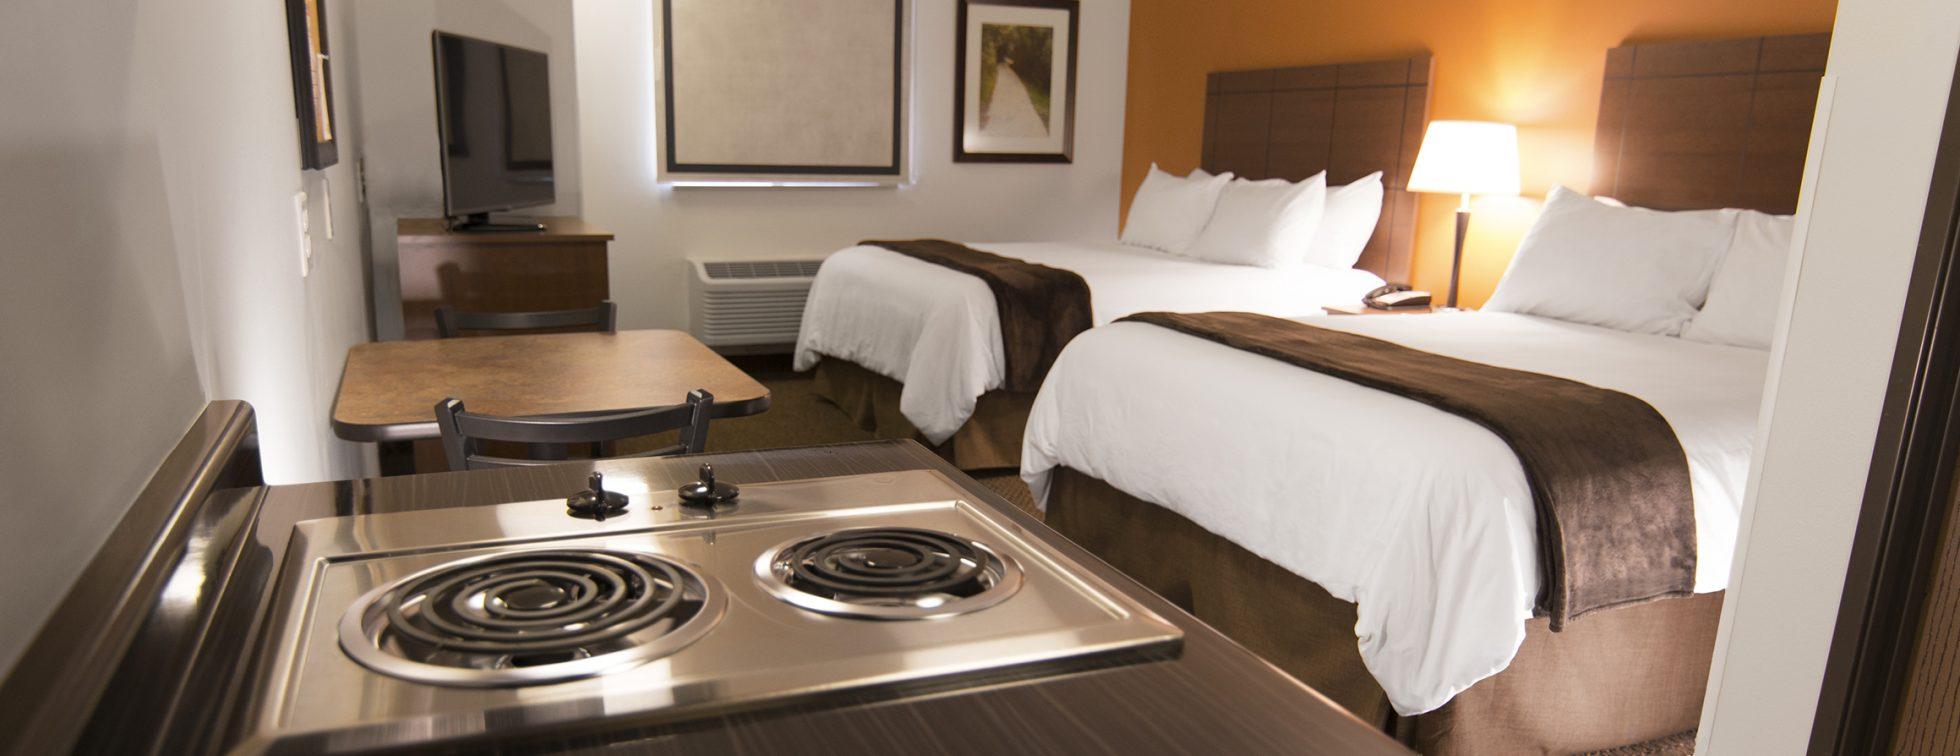 Loveland Hotels My Place Hotel Loveland Co Hotel Near Me Best Hotel Near Me [hotel-italia.us]